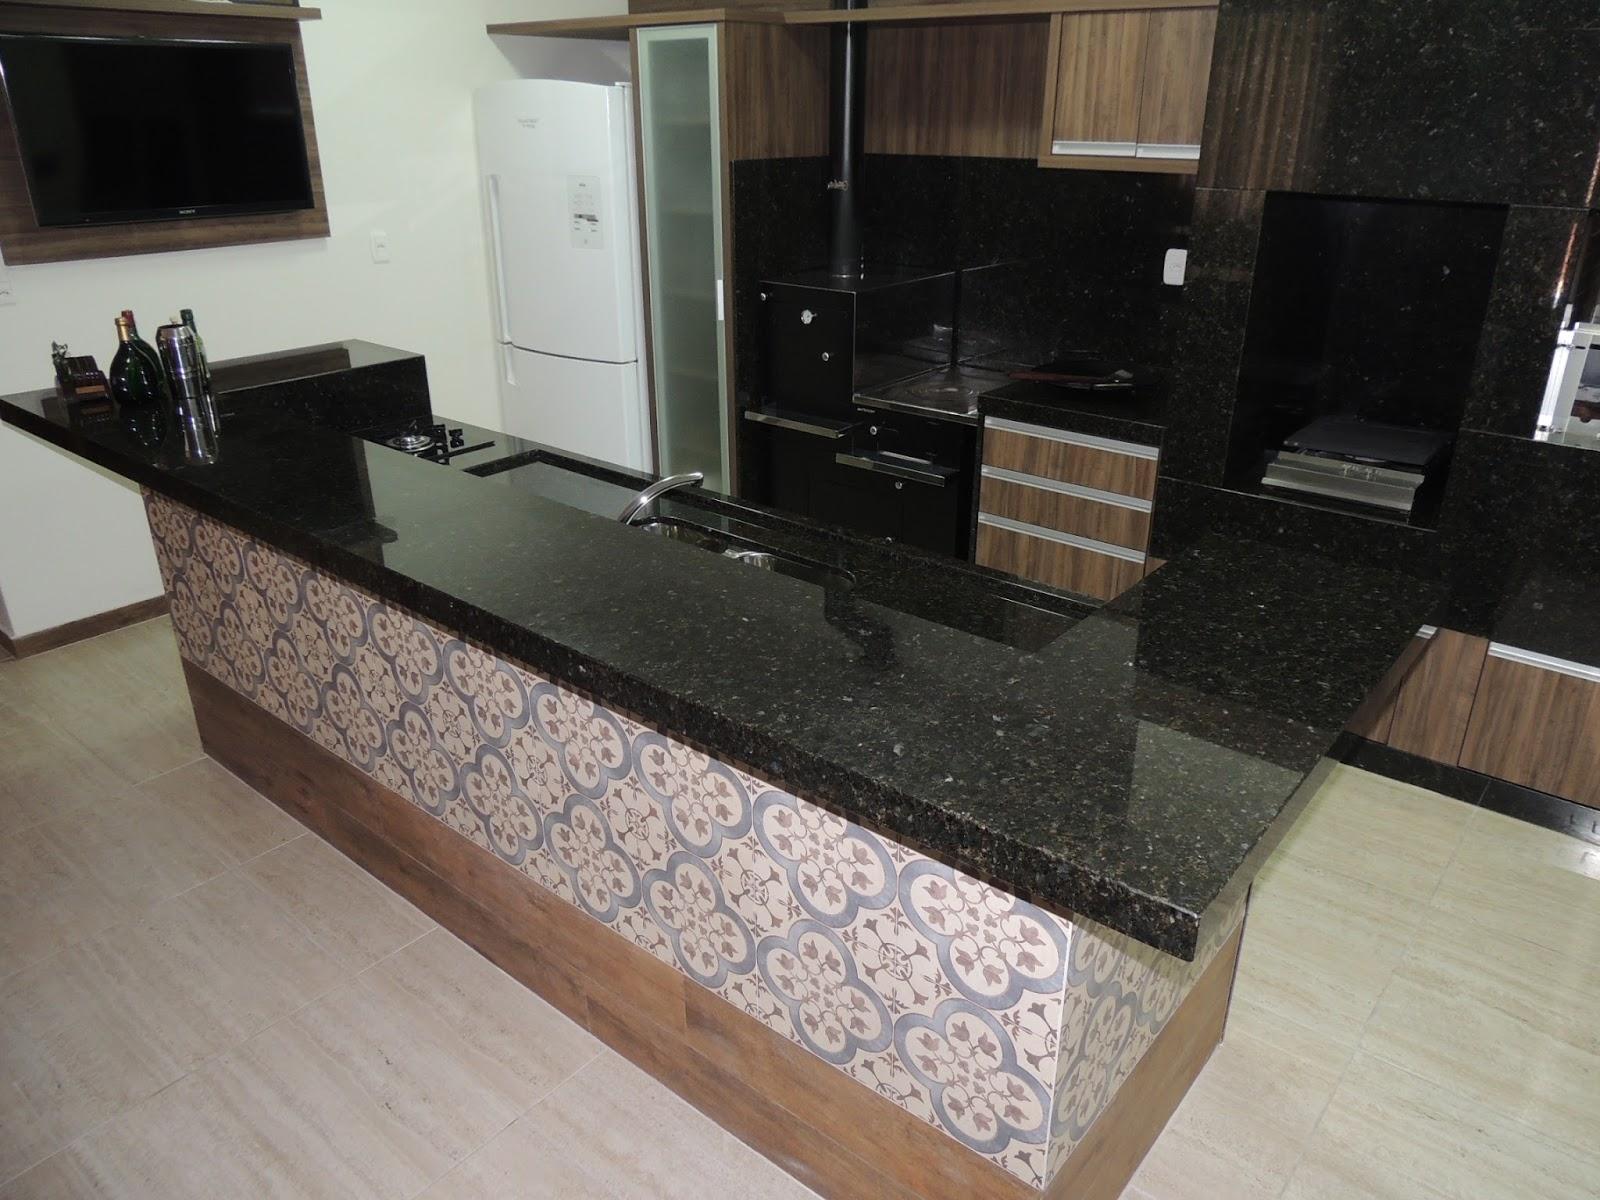 Projeto 02: Área de churrasqueira e cozinha em apartamento espaçoso #604D3D 1600x1200